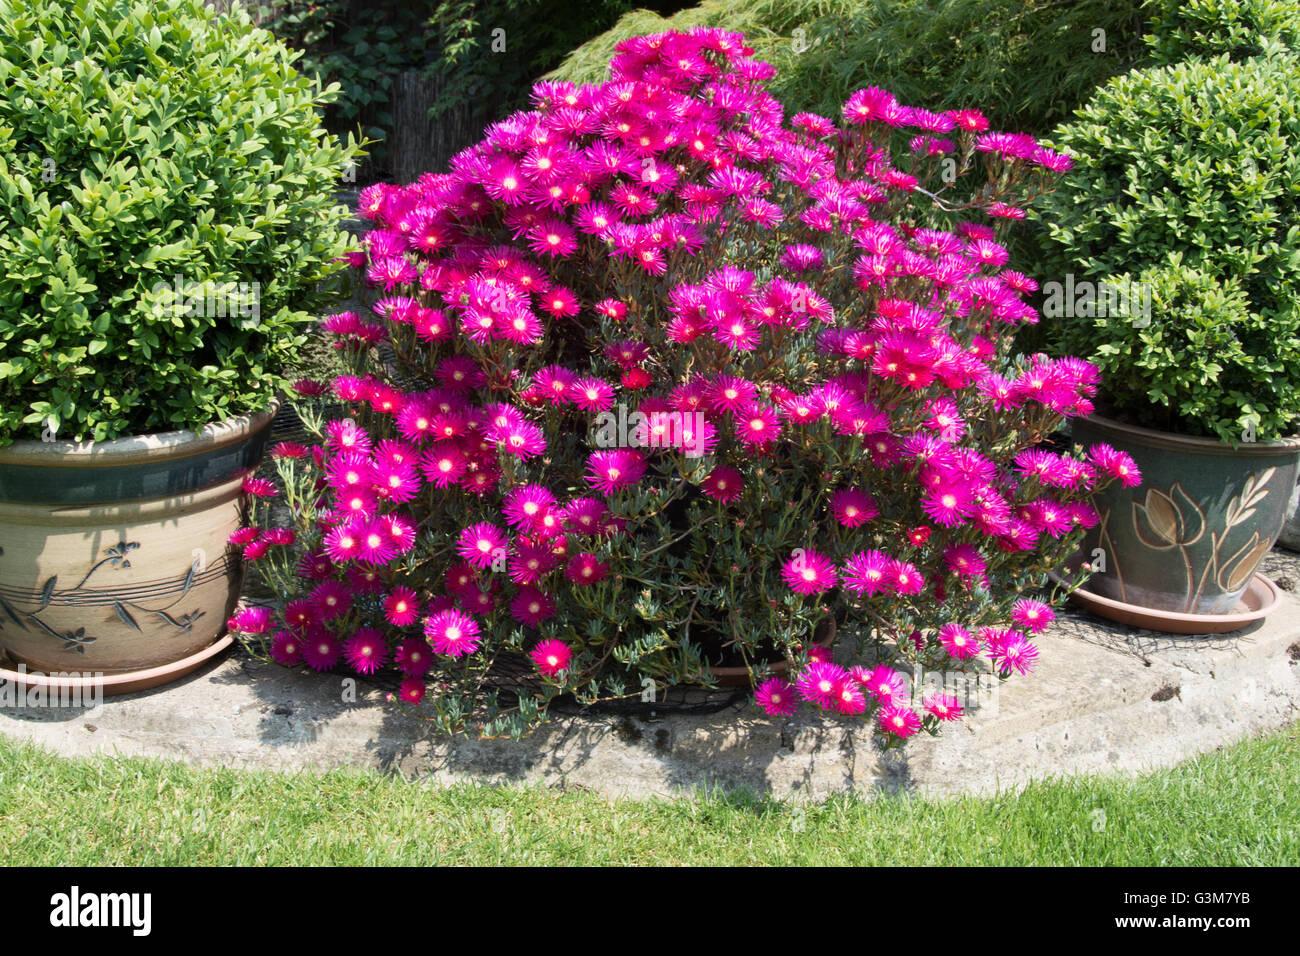 Lampranthus spectabilis - Stock Image